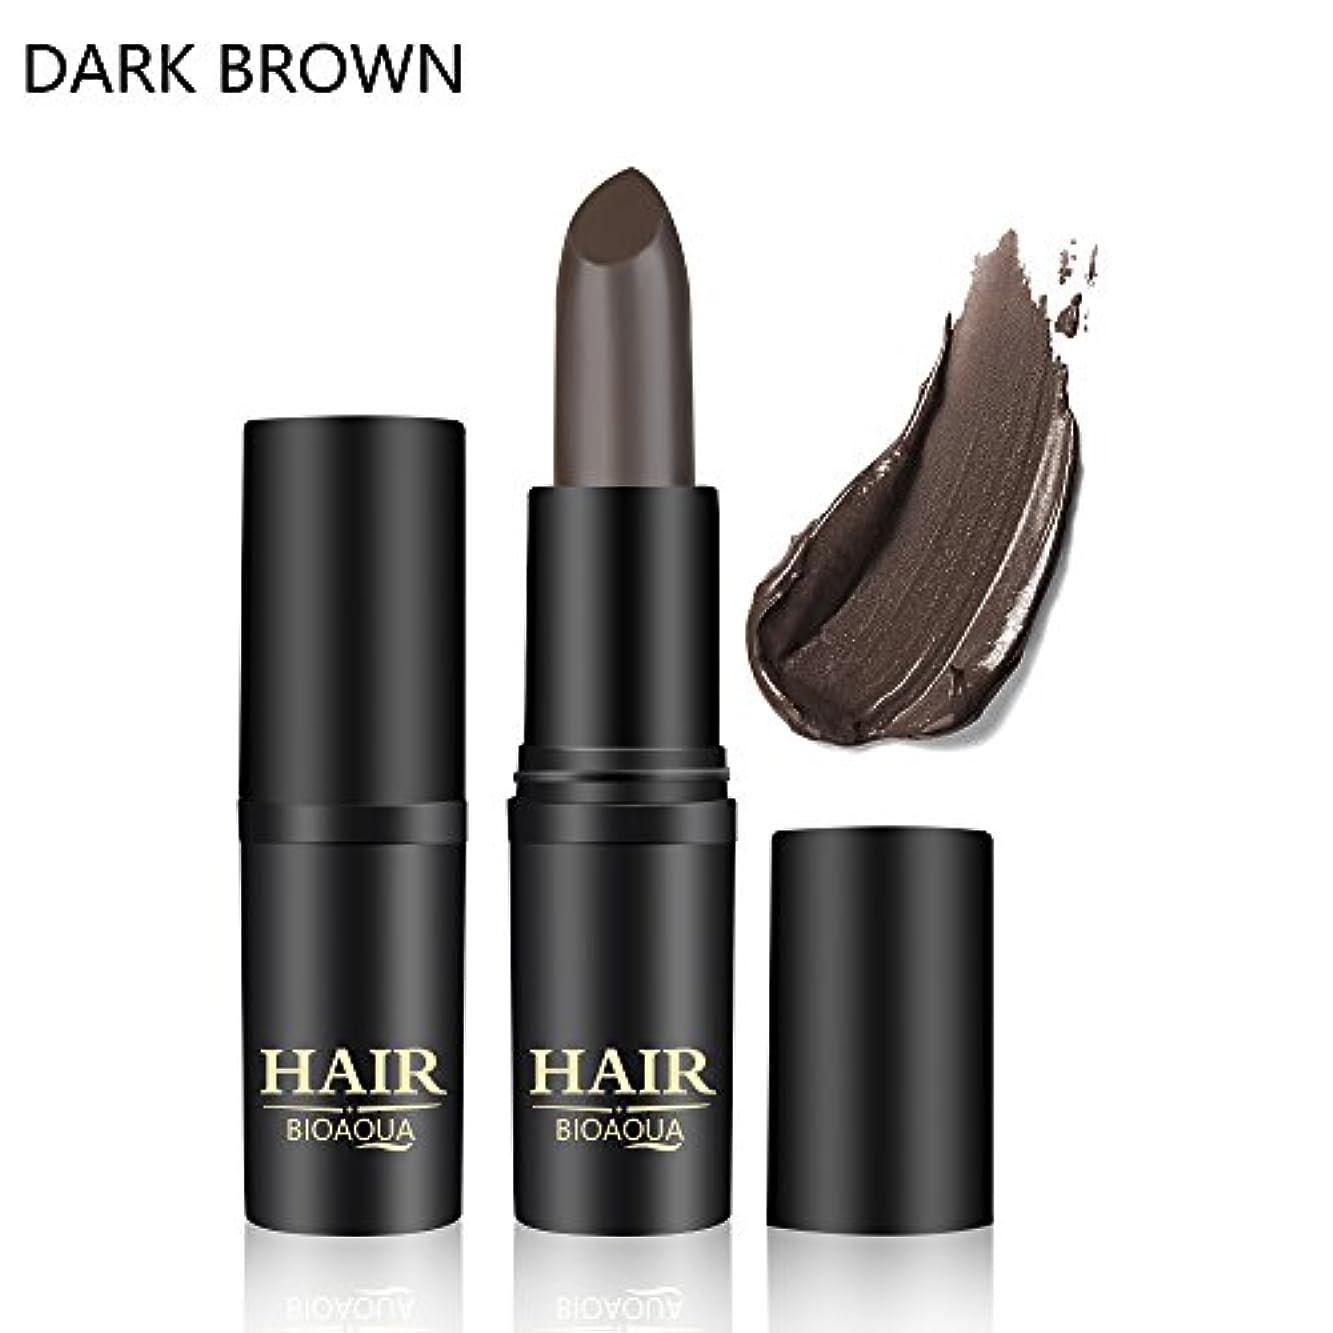 価値アクセサリーフリース[BROWN] 1PC Temporary Hair Dye Cream Mild Fast One-off Hair Color Stick Pen Cover White Hair DIY Styling Makeup...